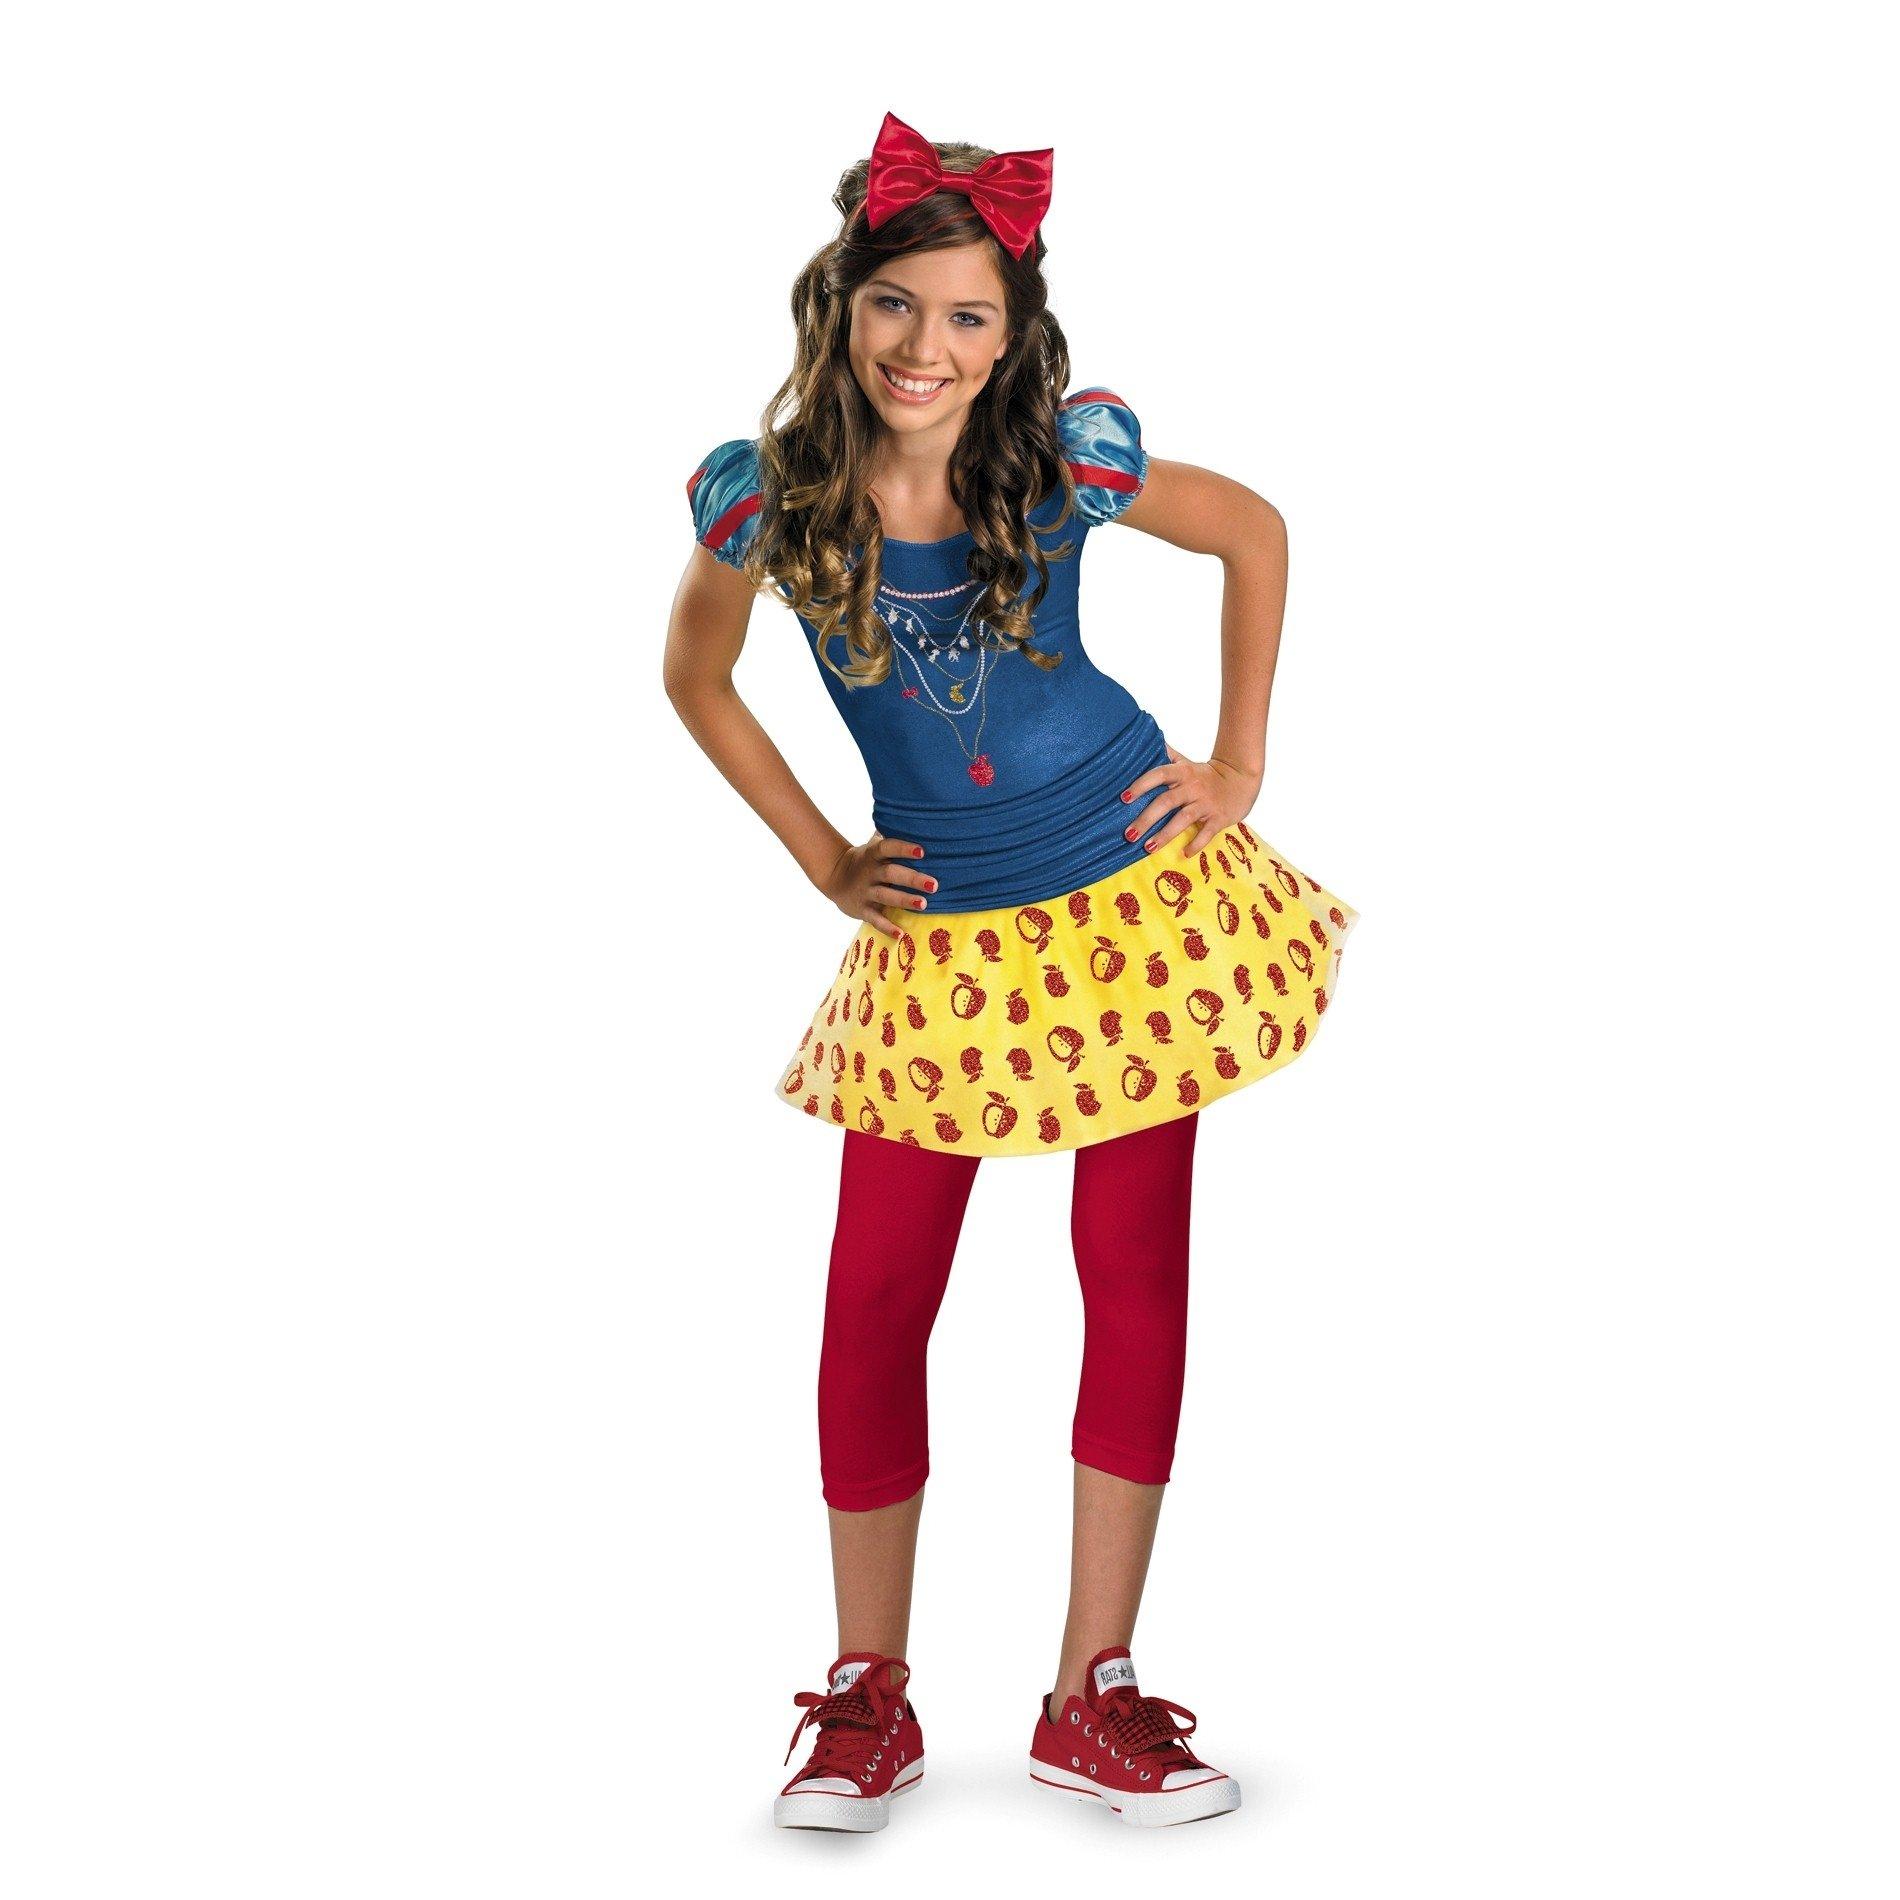 10 Unique Tween Girl Halloween Costume Ideas 60 halloween costumes for tweens ideas tween dragon costume 2020